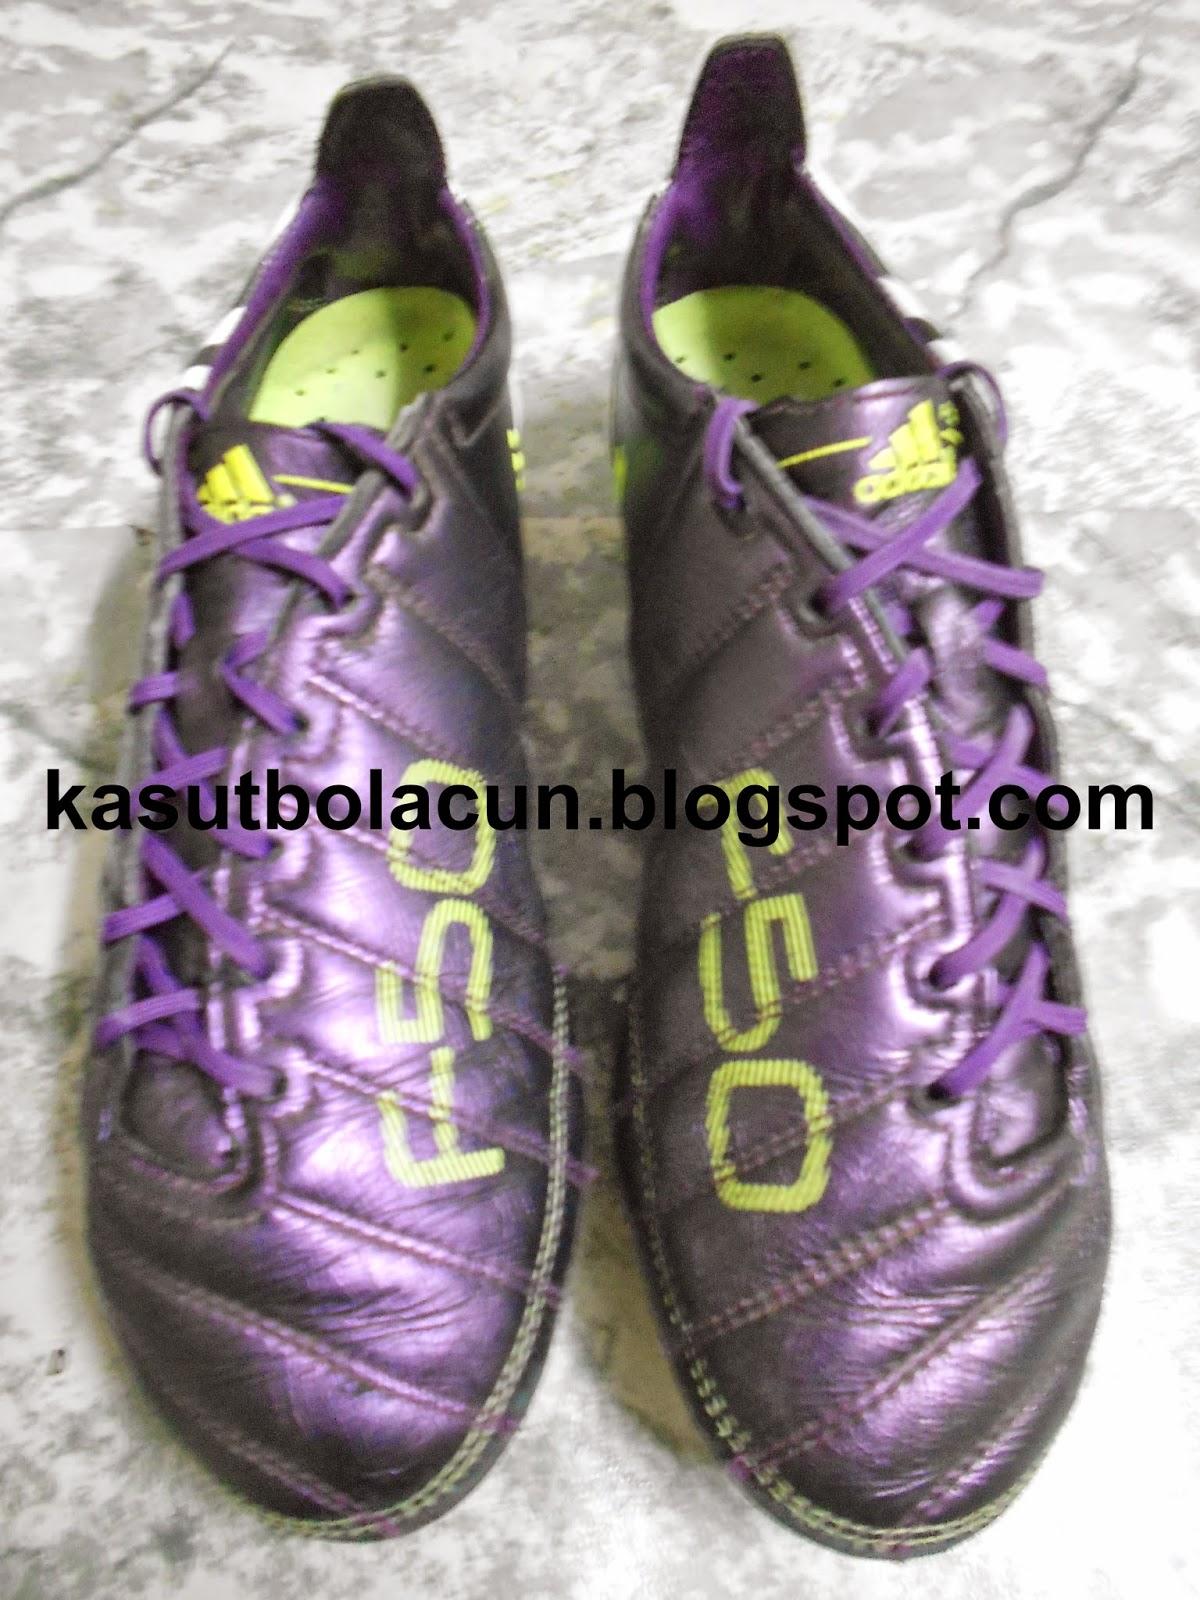 Adidas F50 Adizero 1 FG